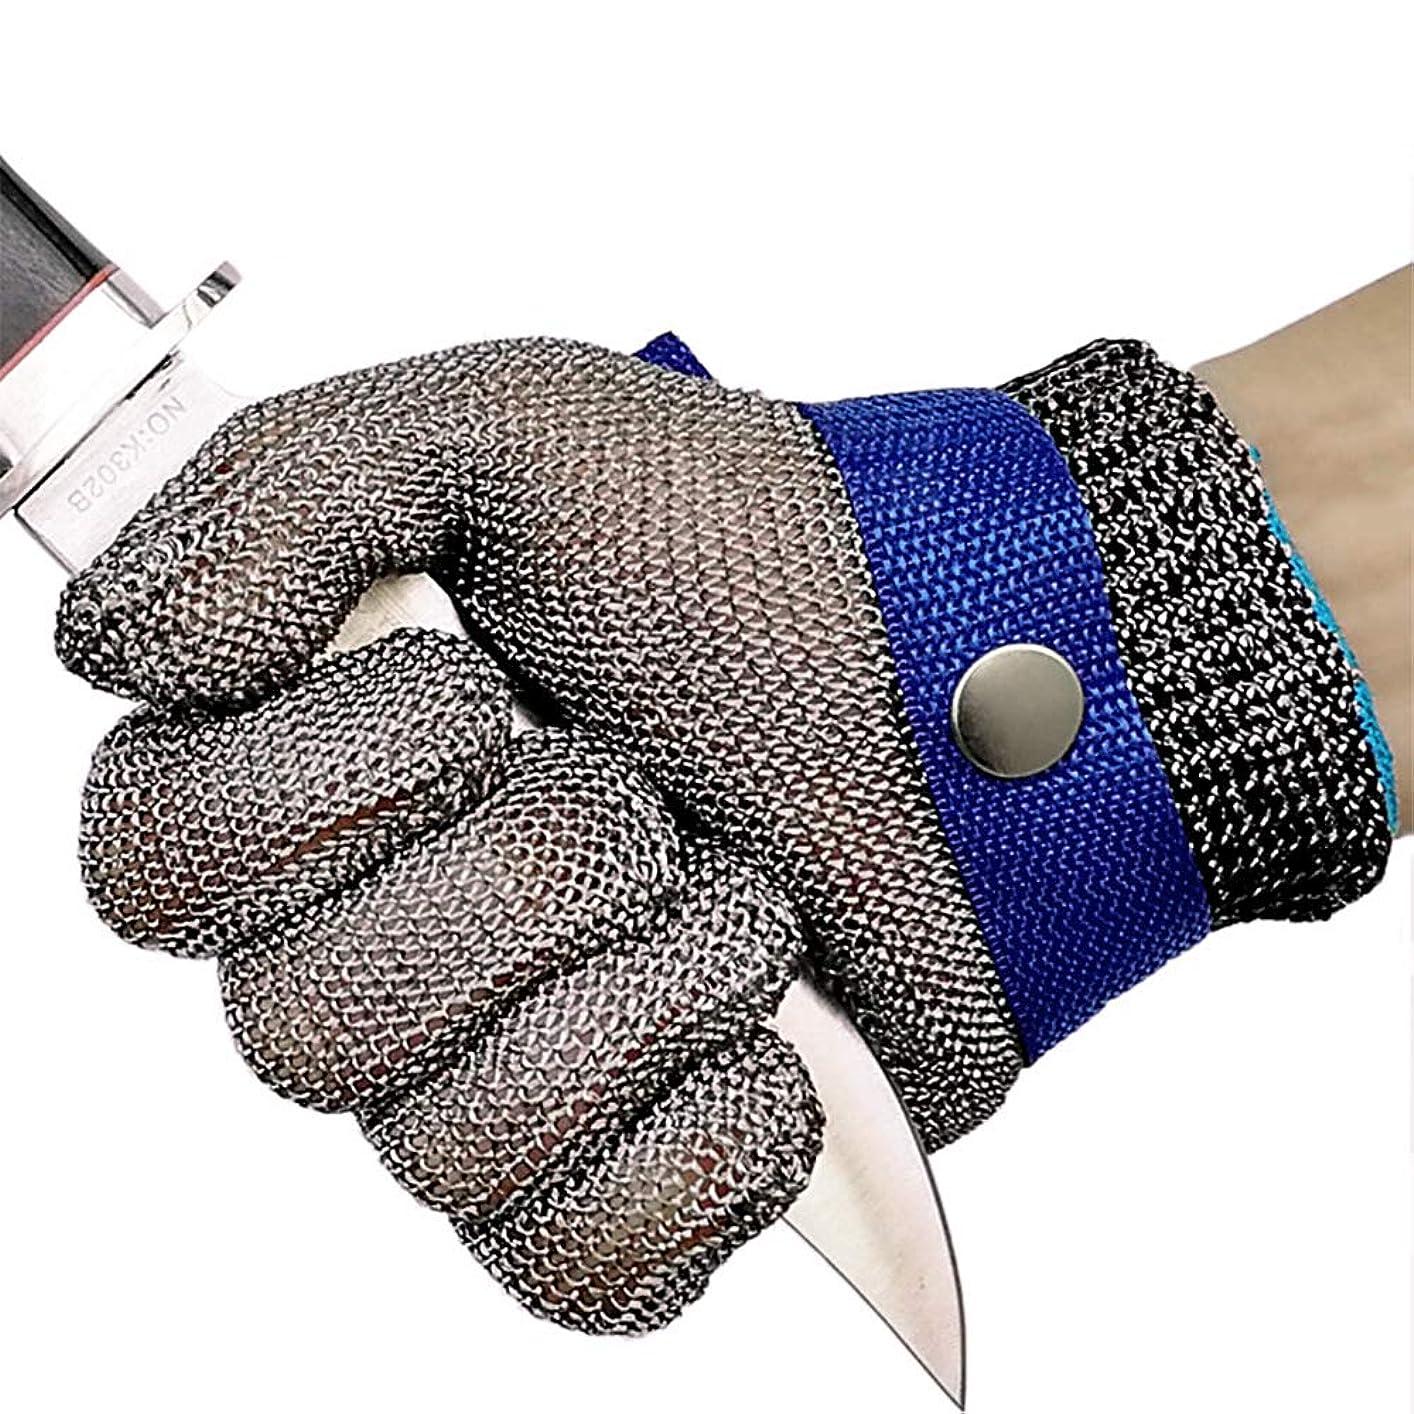 ジャンルスツールベッドを作るLinodes 耐切創 作業用手袋 ステンレス鋼メッシュ防護手袋 切れない グローブ(片手)左右 兼用 専用軍手 付き L